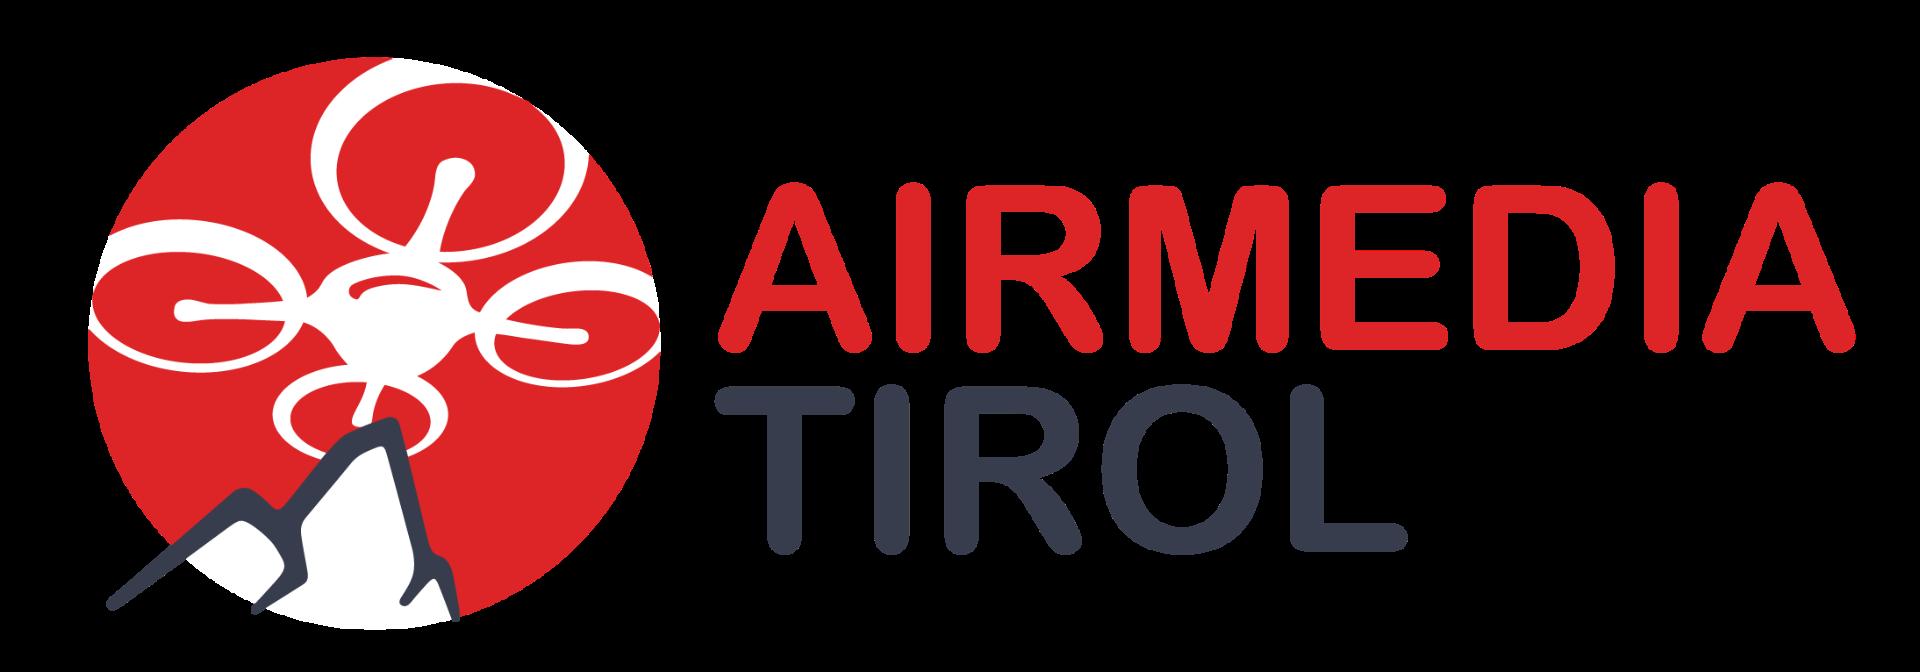 Airmedia-Tirol